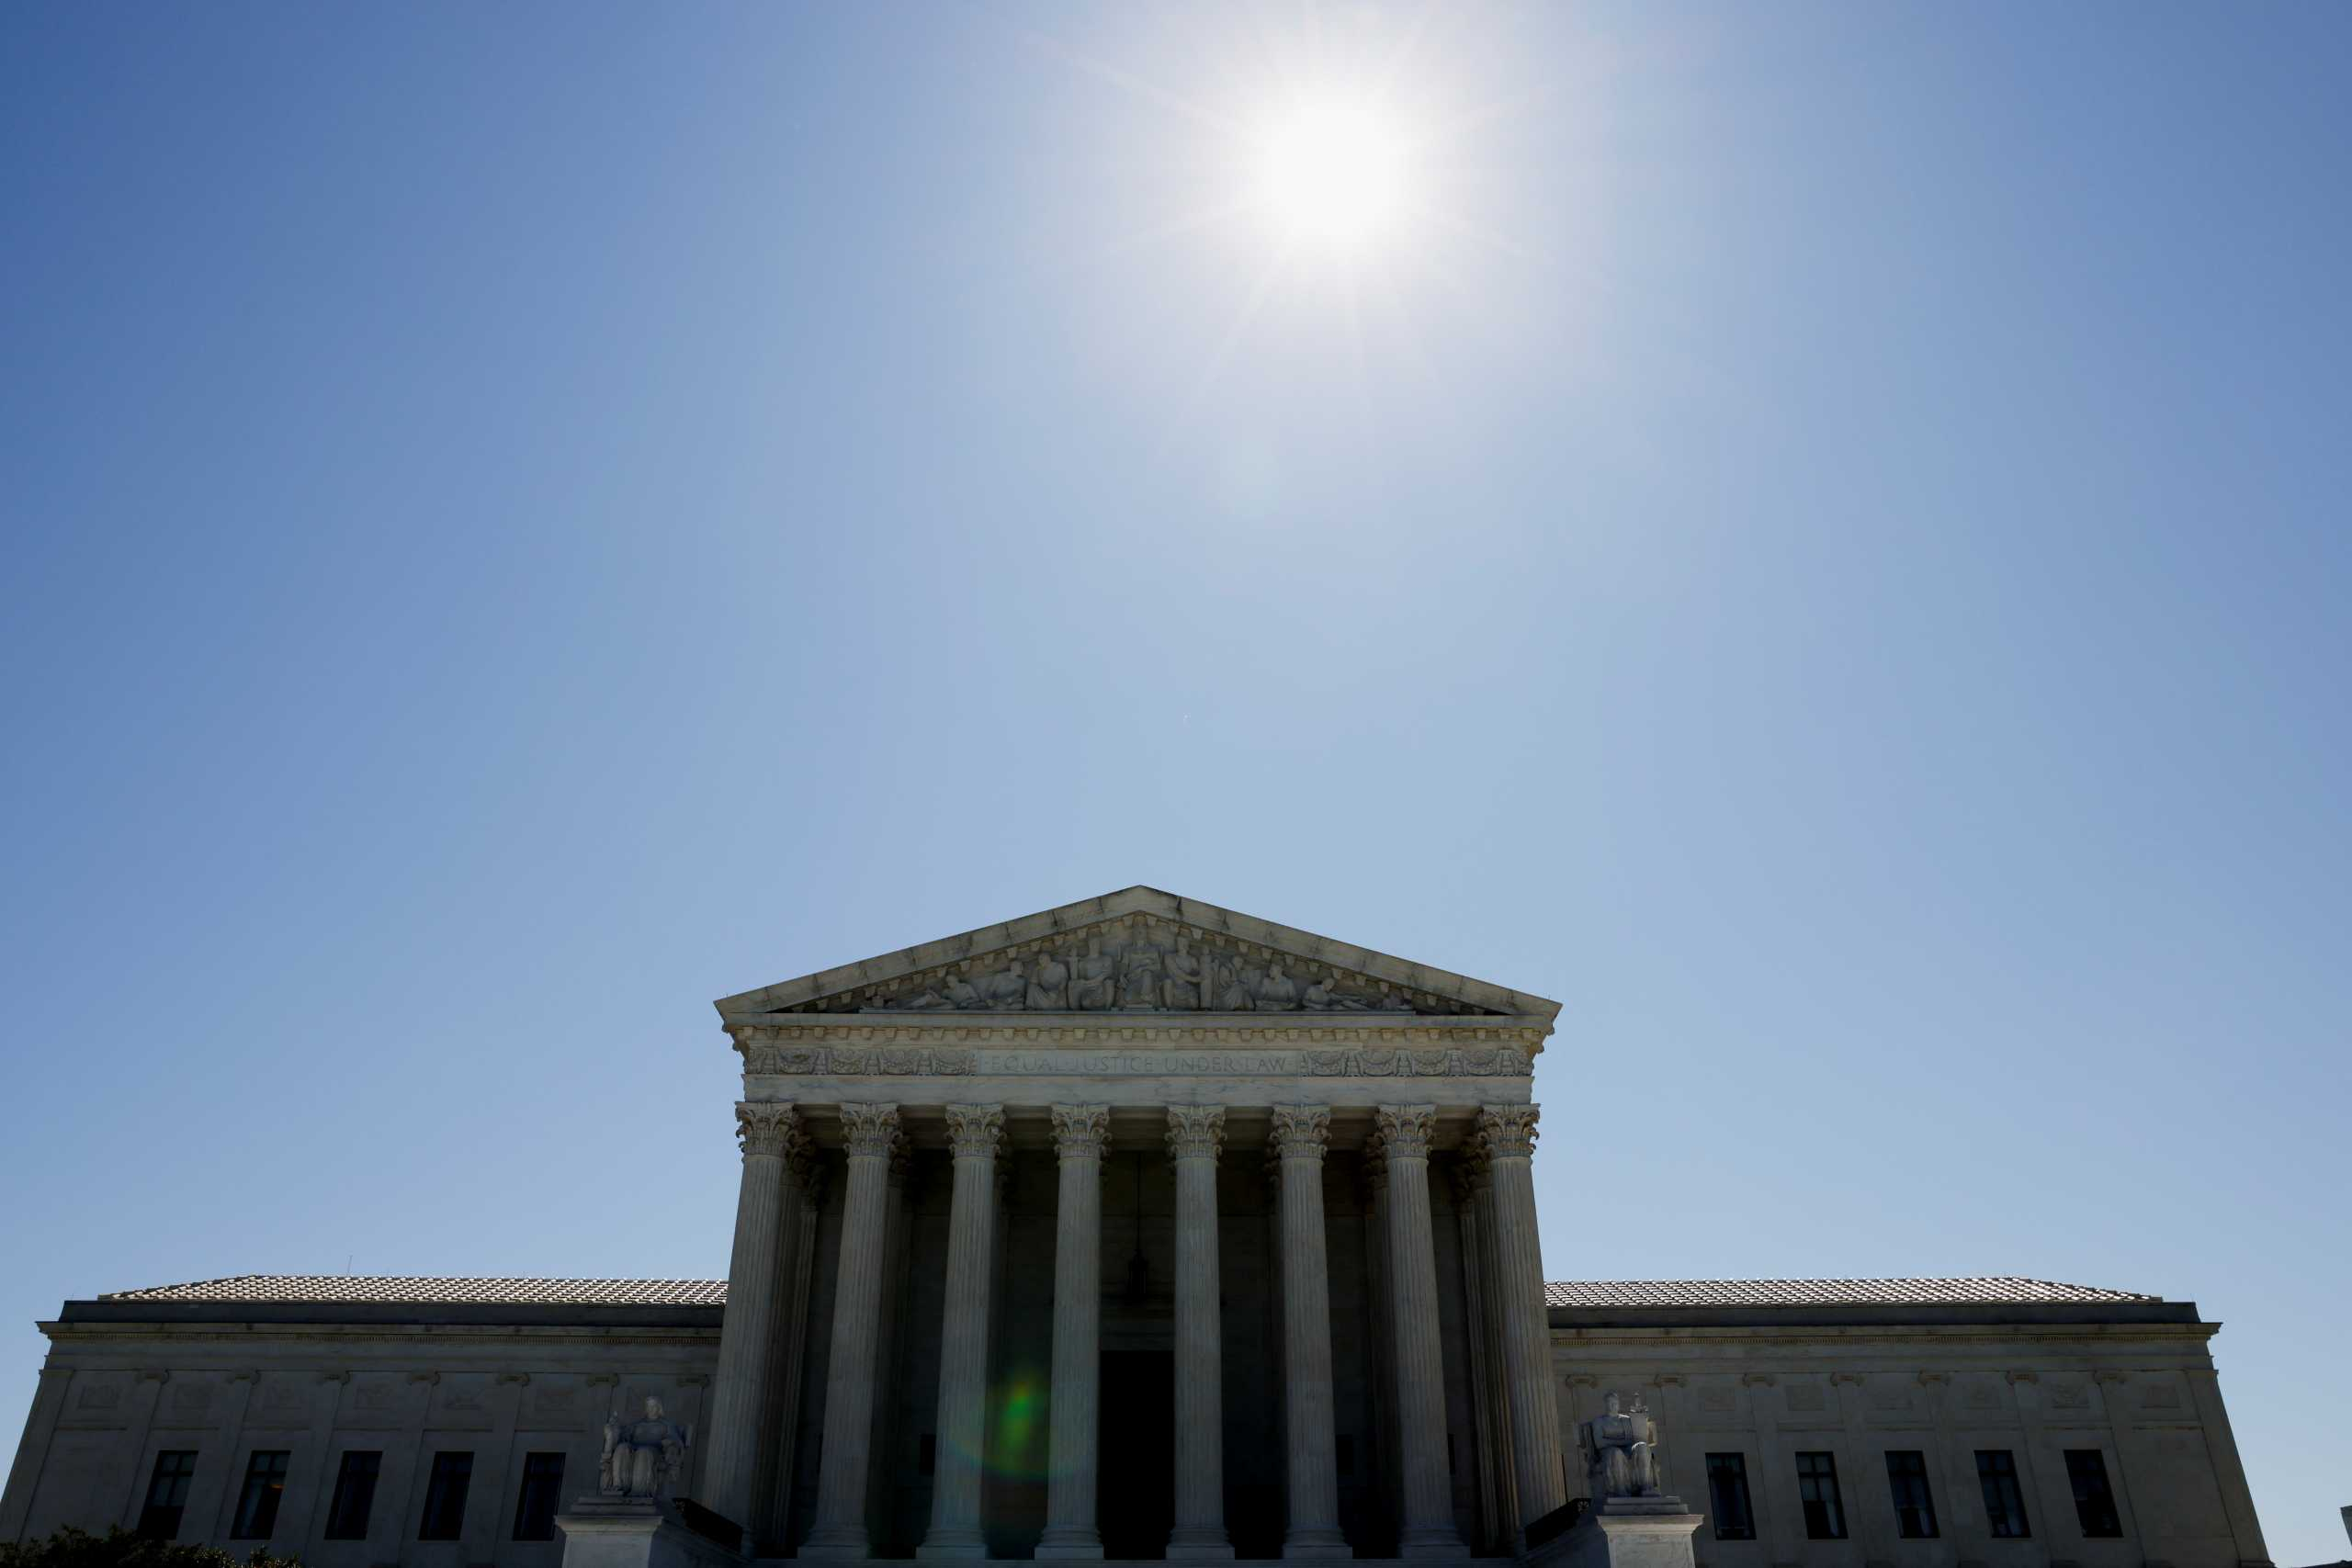 ΗΠΑ: Ανώτατο Δικαστήριο αρνείται να ακυρώσει το Obamacare